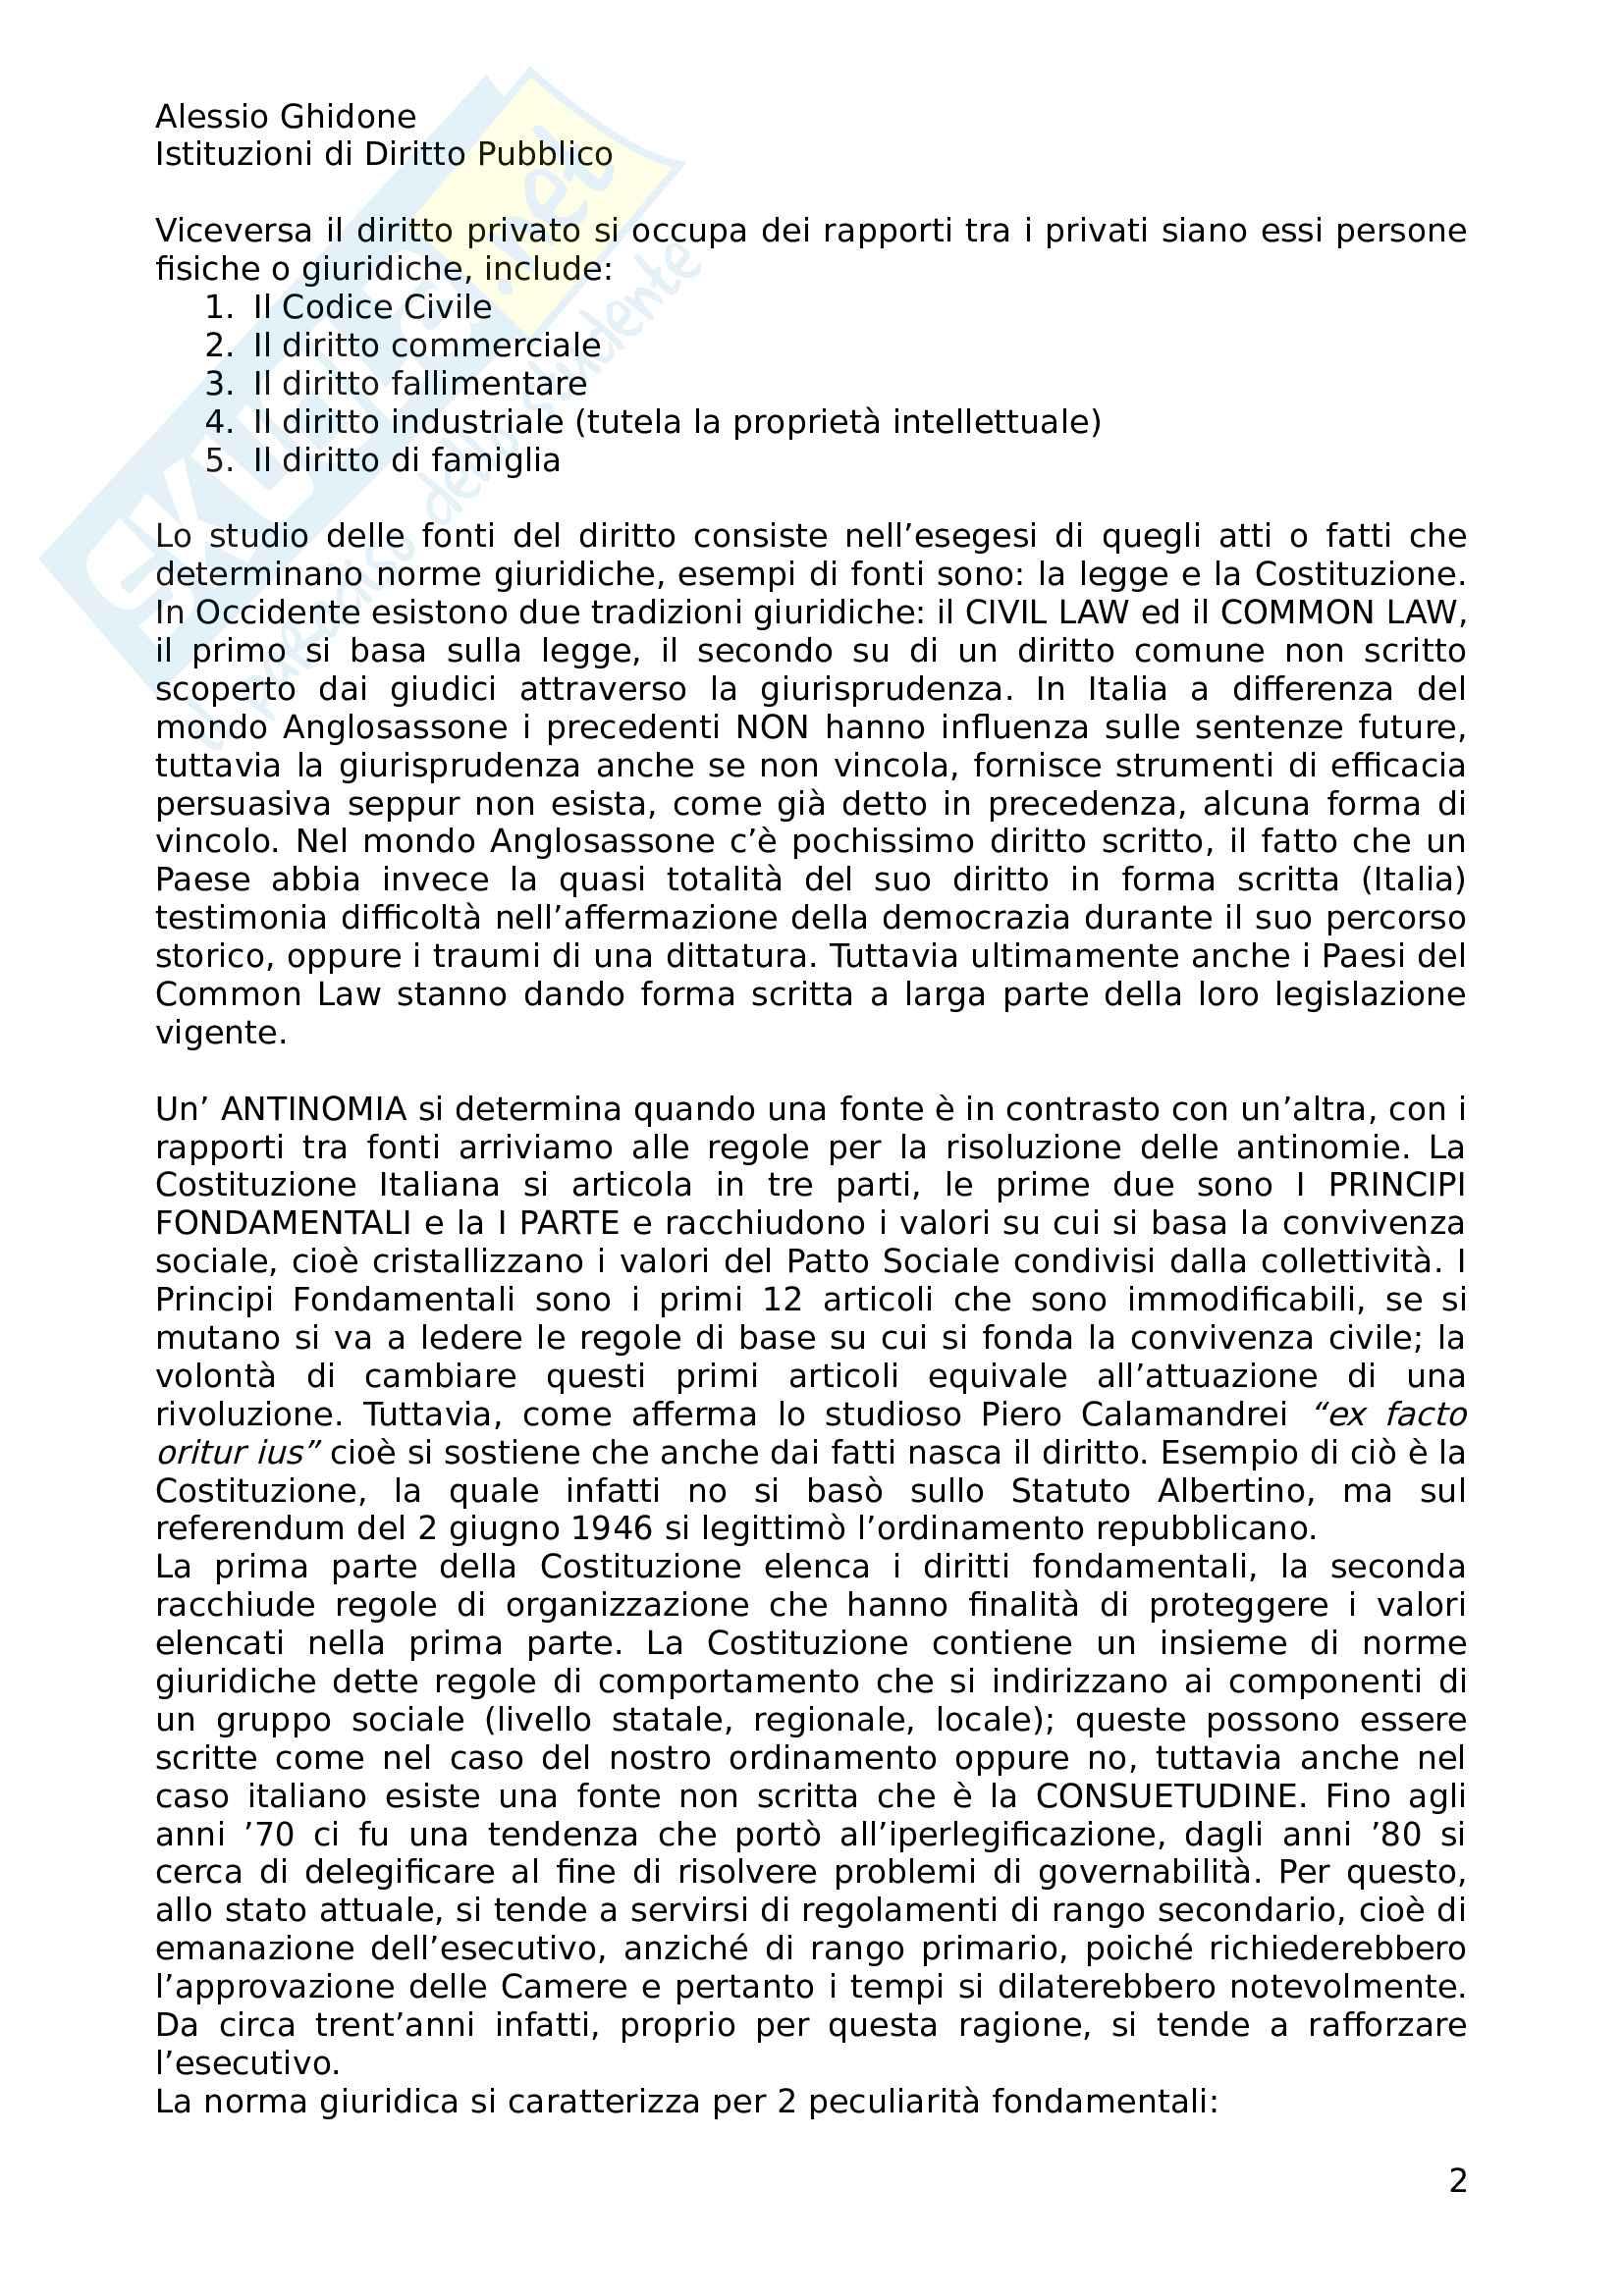 Istituzioni di Diritto Pubblico Pag. 2